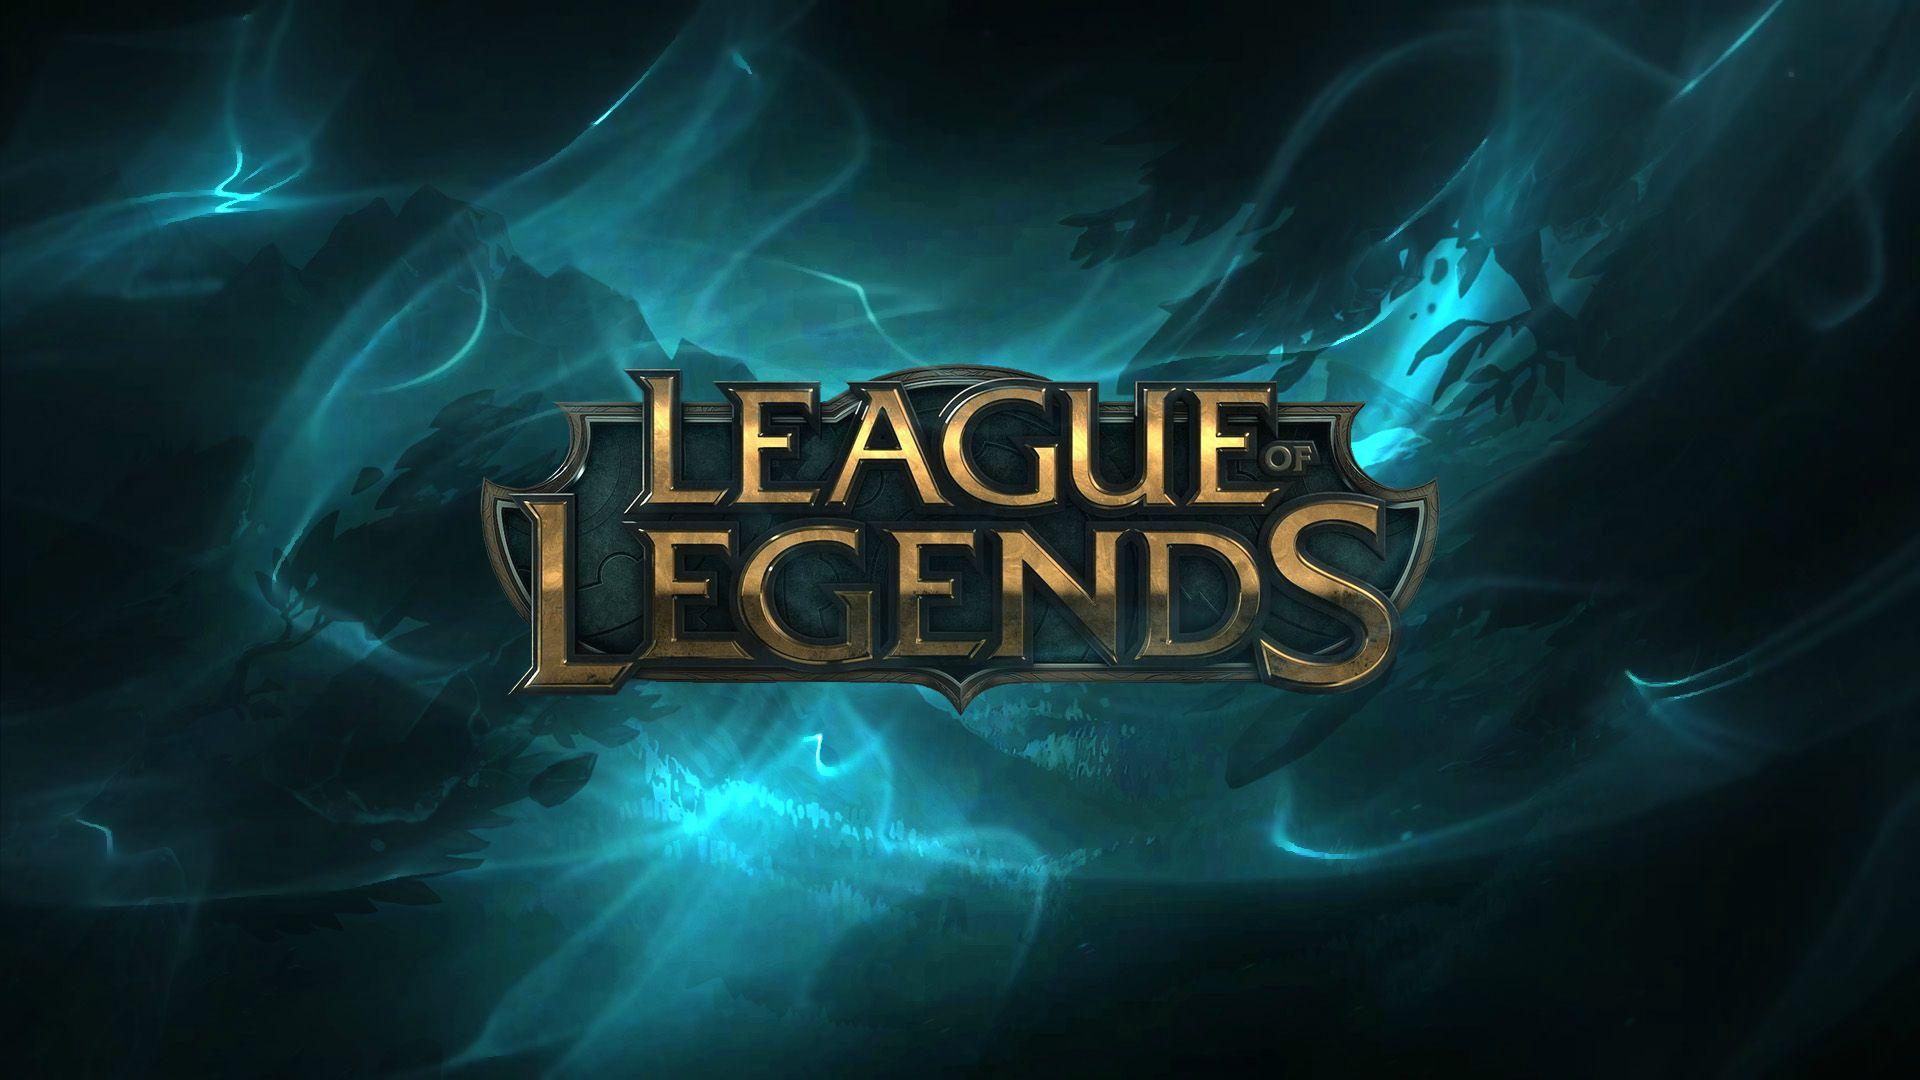 نسخهی موبایل بازی League of Legends در دست ساخت است